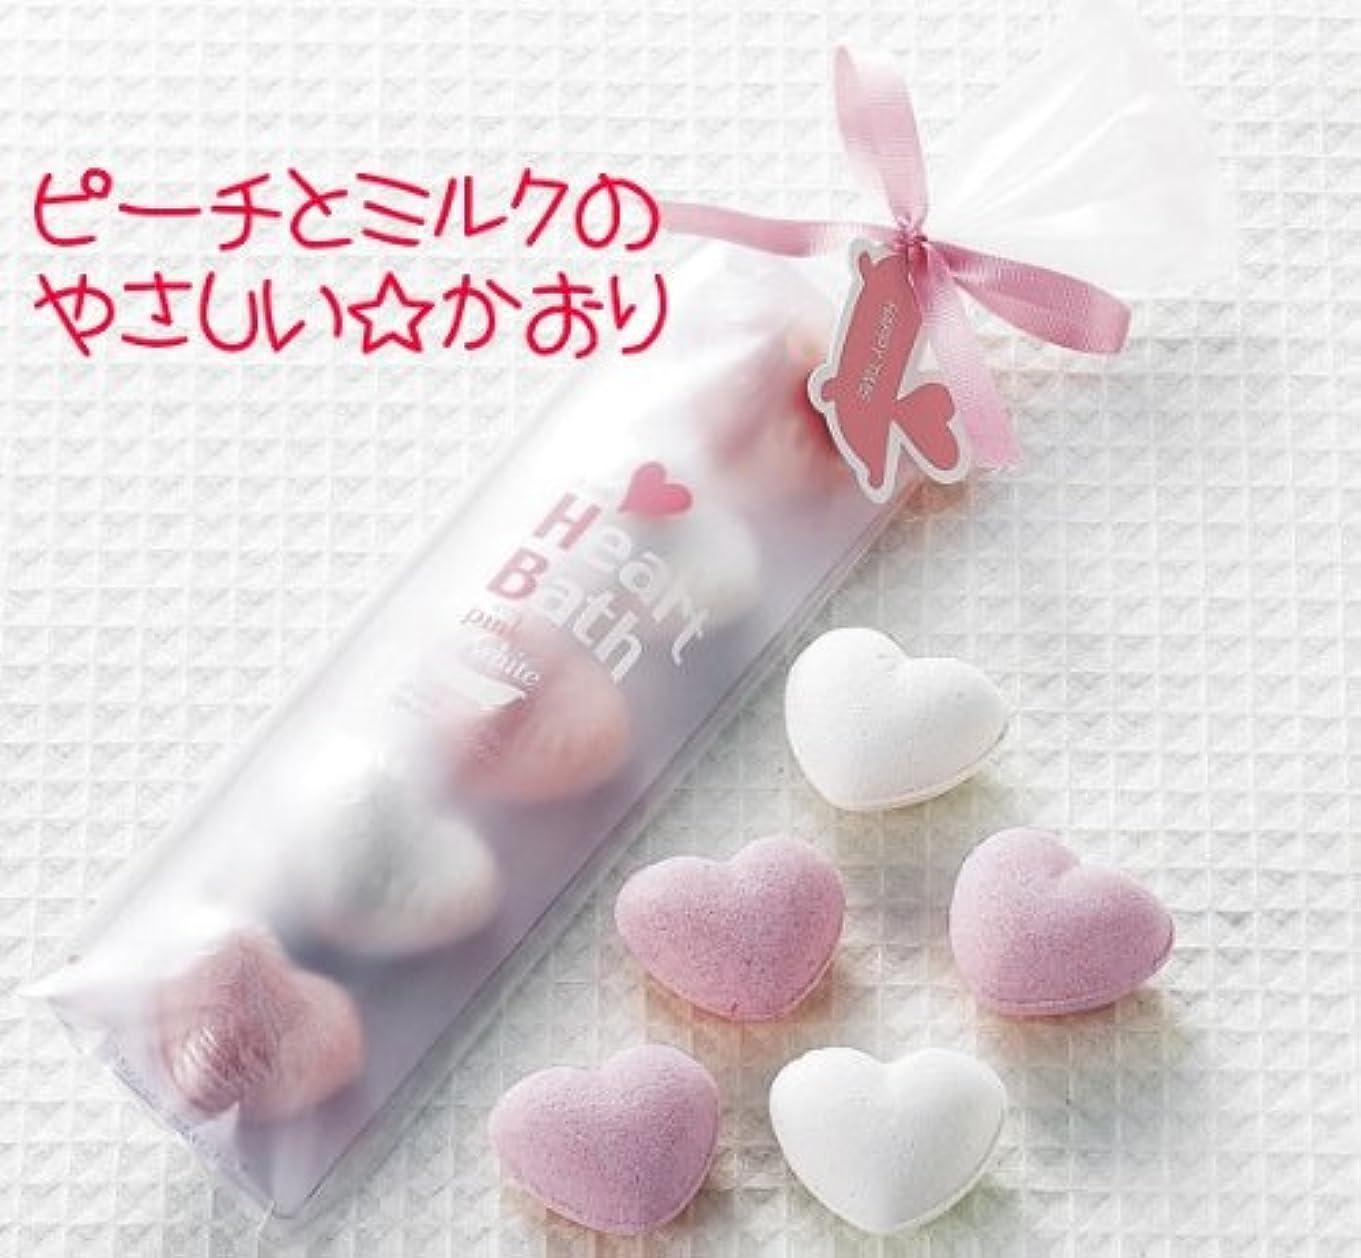 雪のギャンブル電信ハートの入浴剤 ピーチ&ミルク【結婚式 二次会 プチギフト】